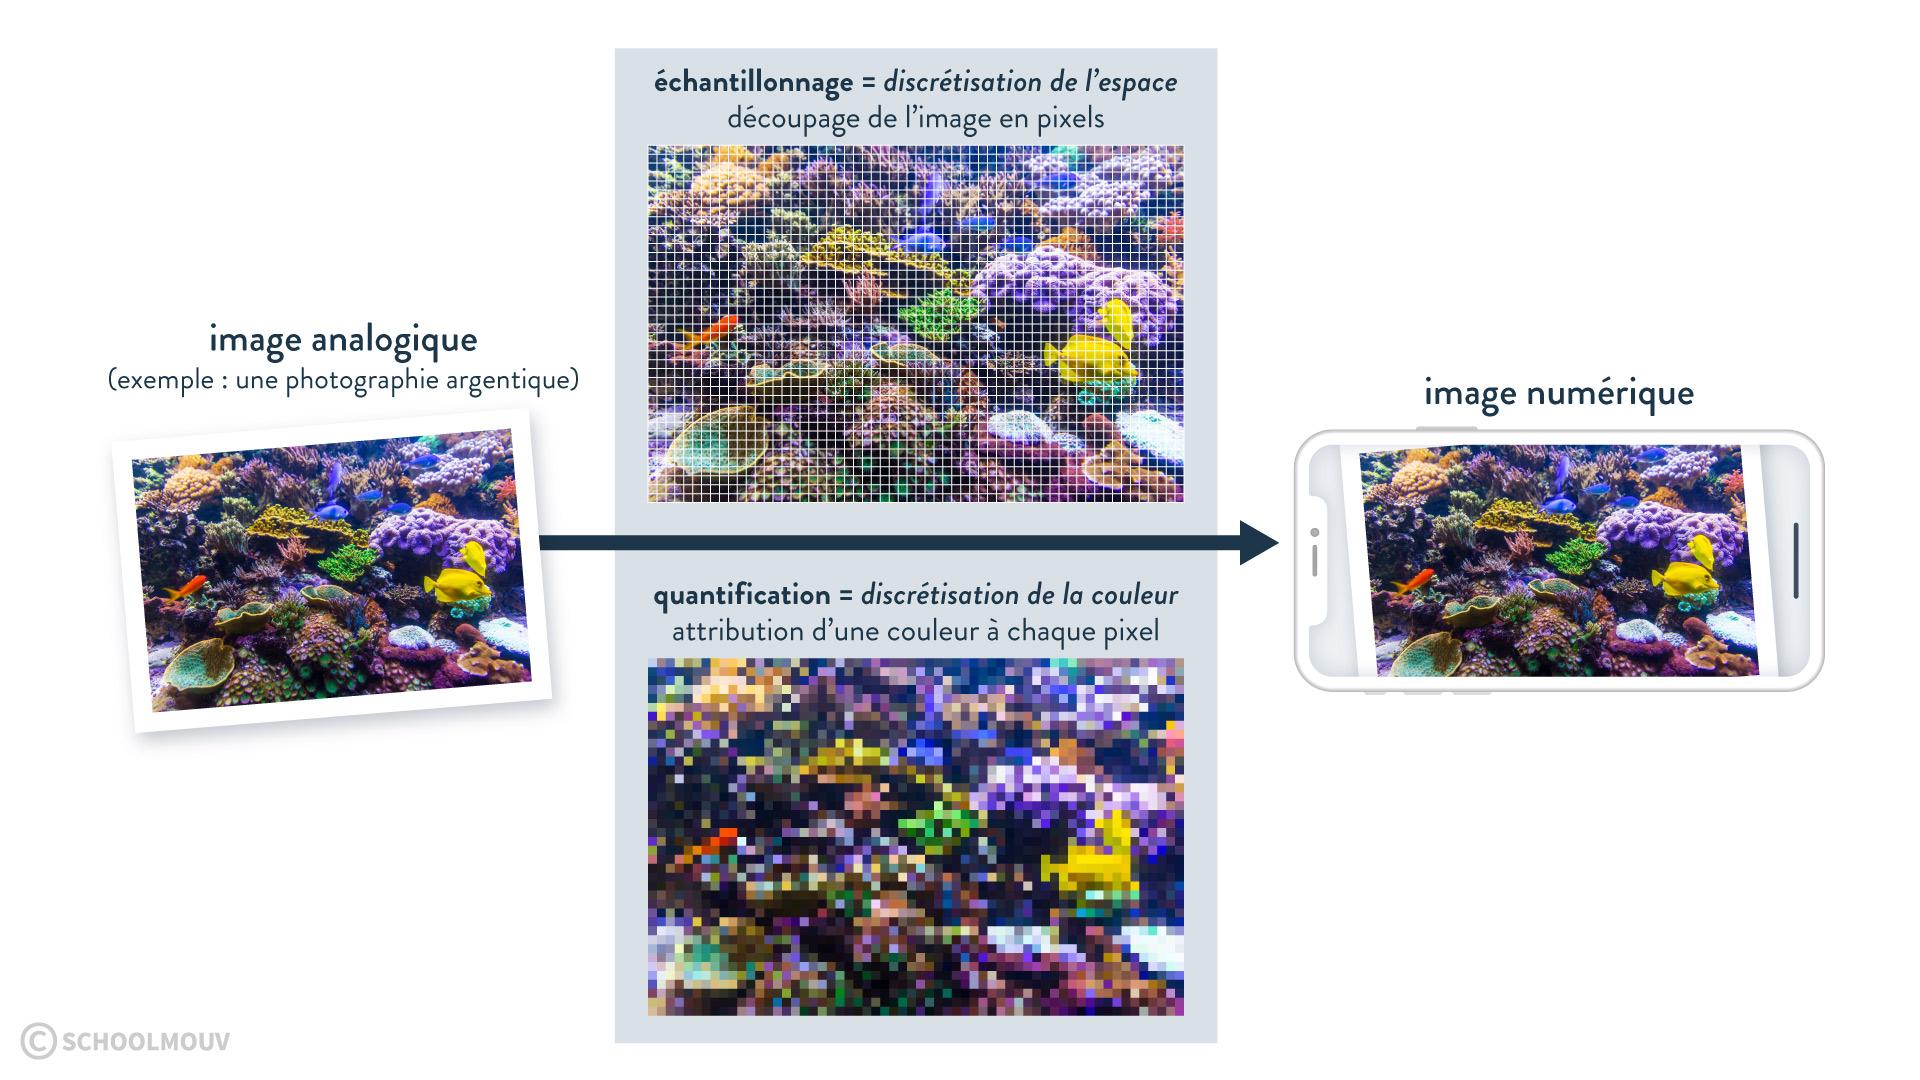 échantillonnage quantification discrétisation espace couleur pixel image analogique à numérique Sciences numériques et technologie Seconde L'image numérique